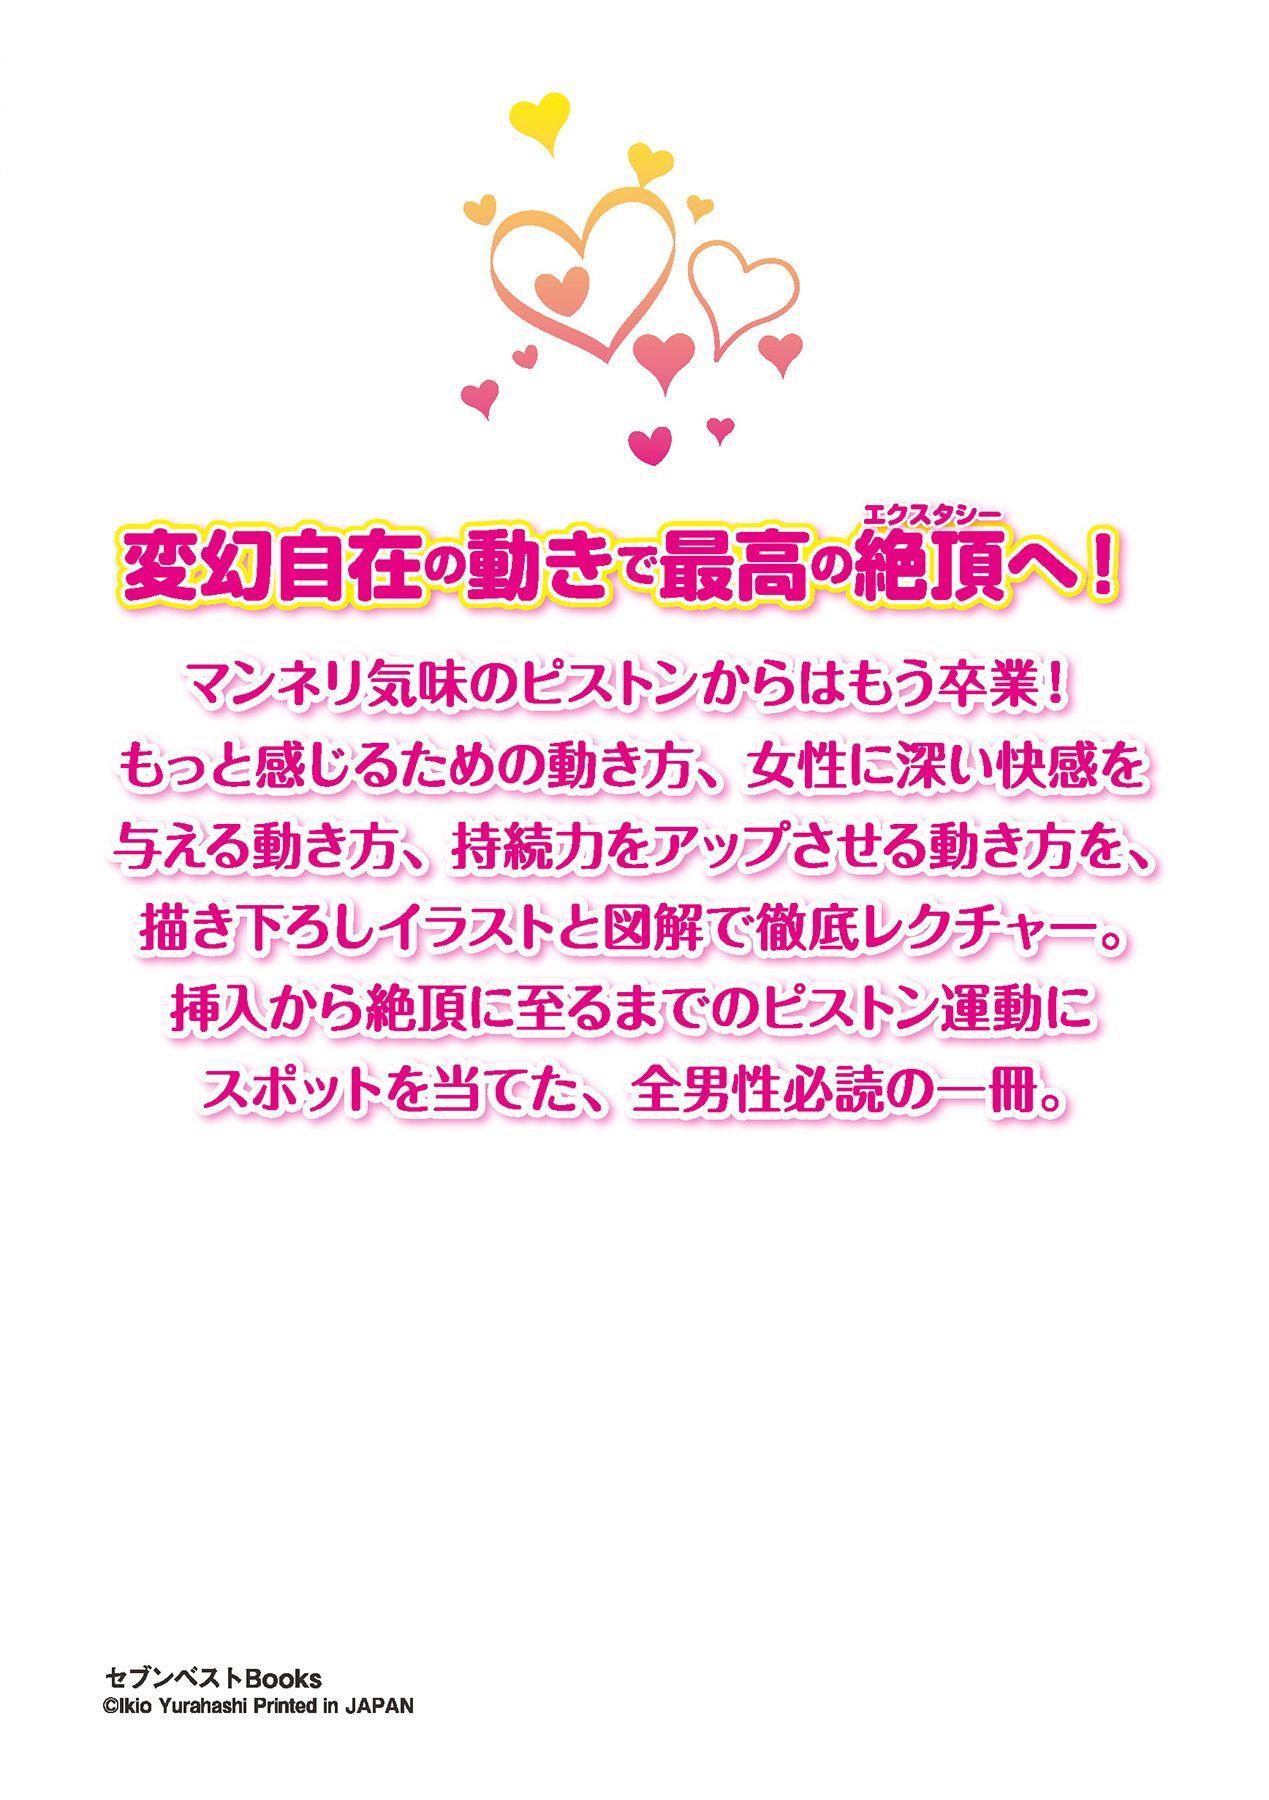 膣挿入&ピストン運動完全マニュアル イラスト版……ピスとんッ! 131